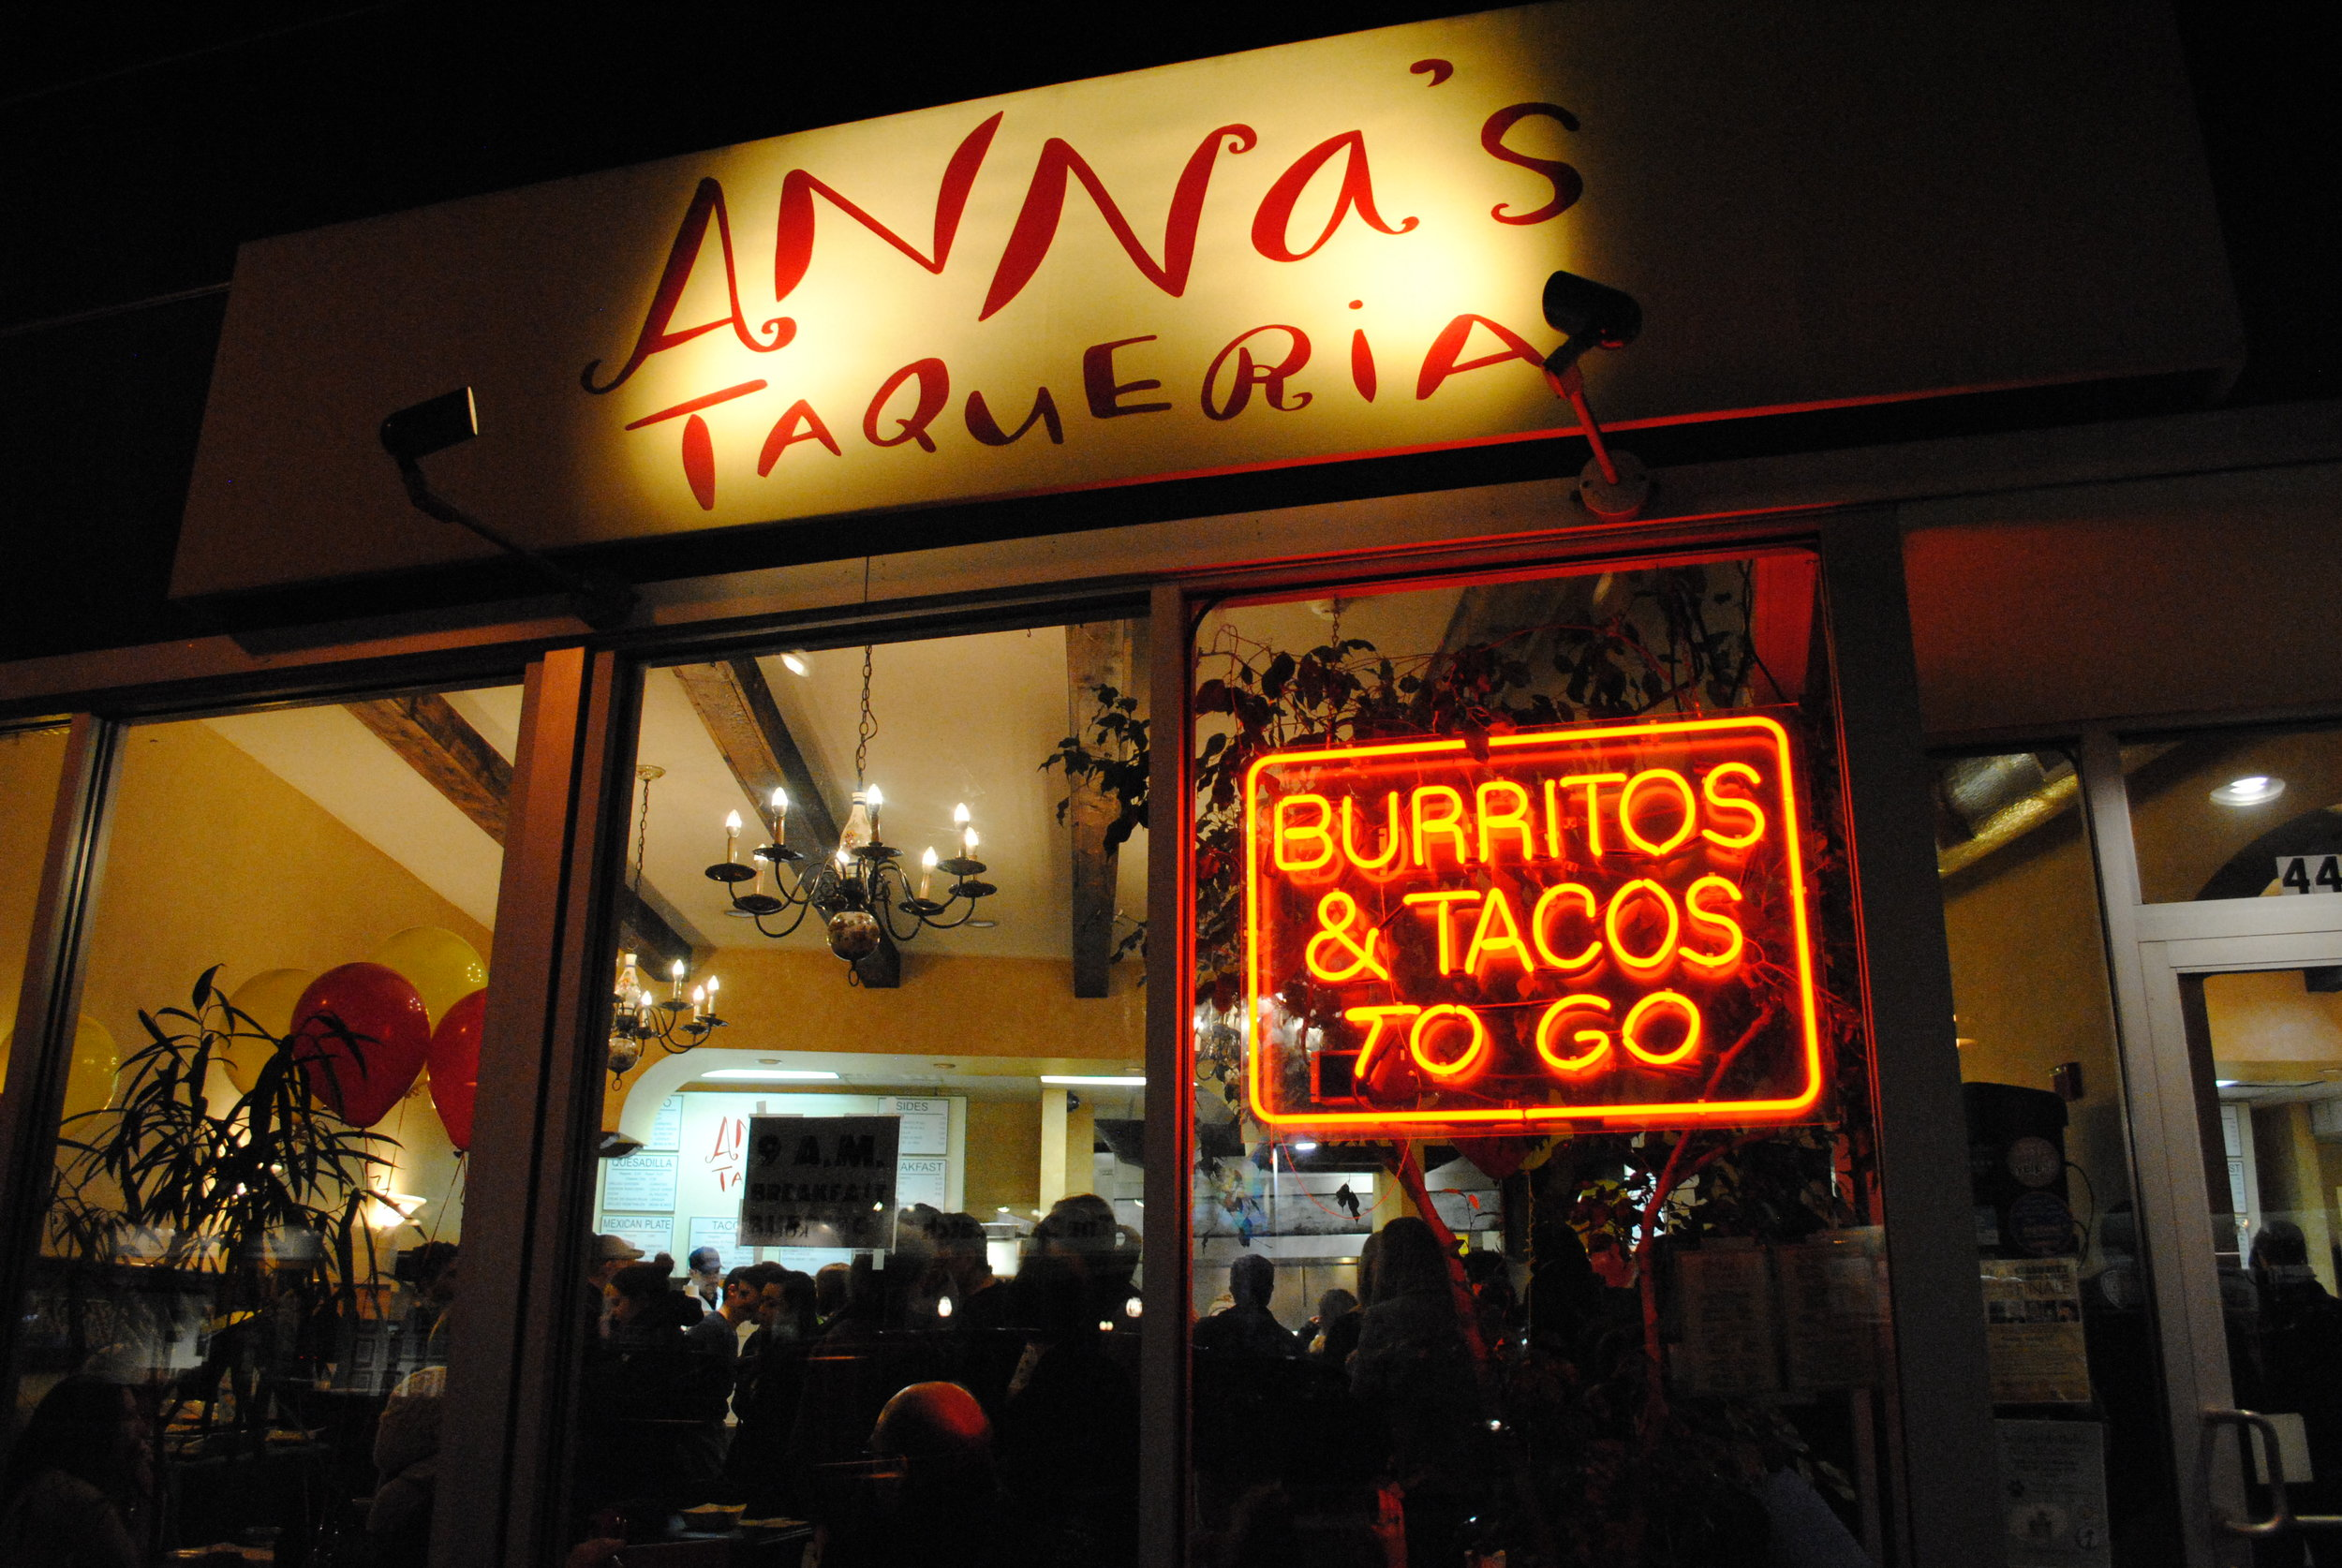 annas-taqueria-store